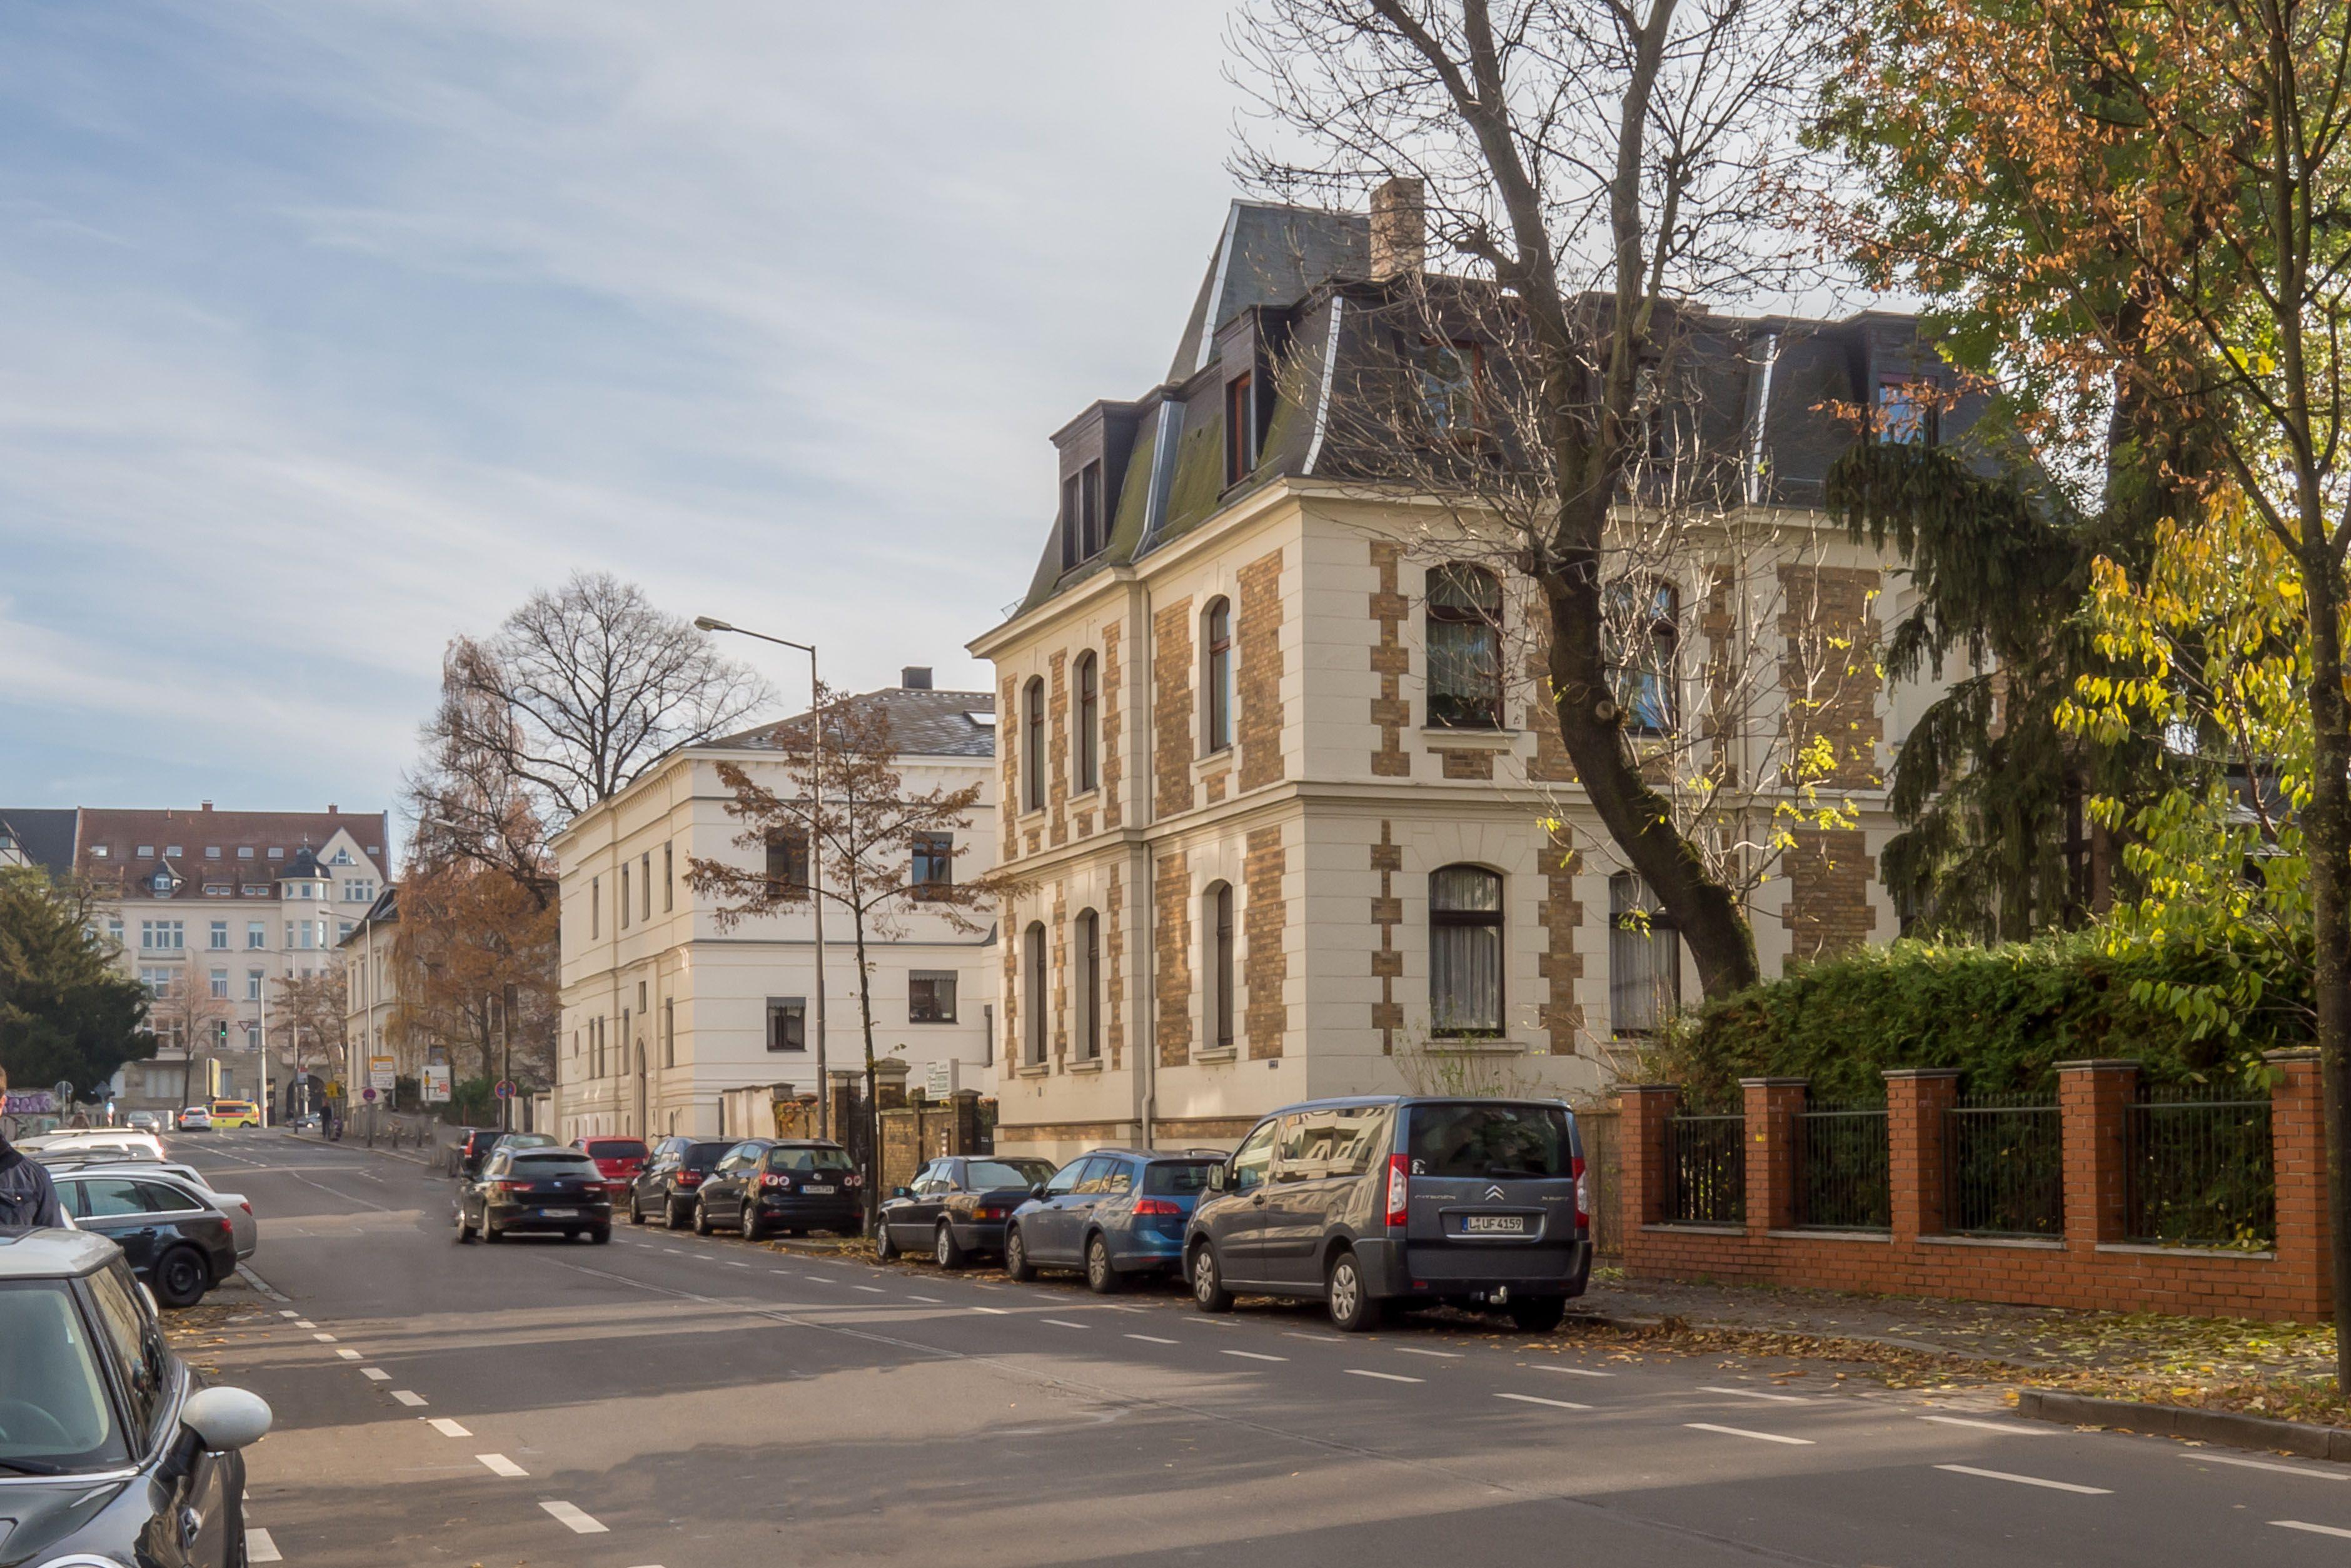 Altbauten in Leipzig, Gründerzeit, Historismus, Villa in